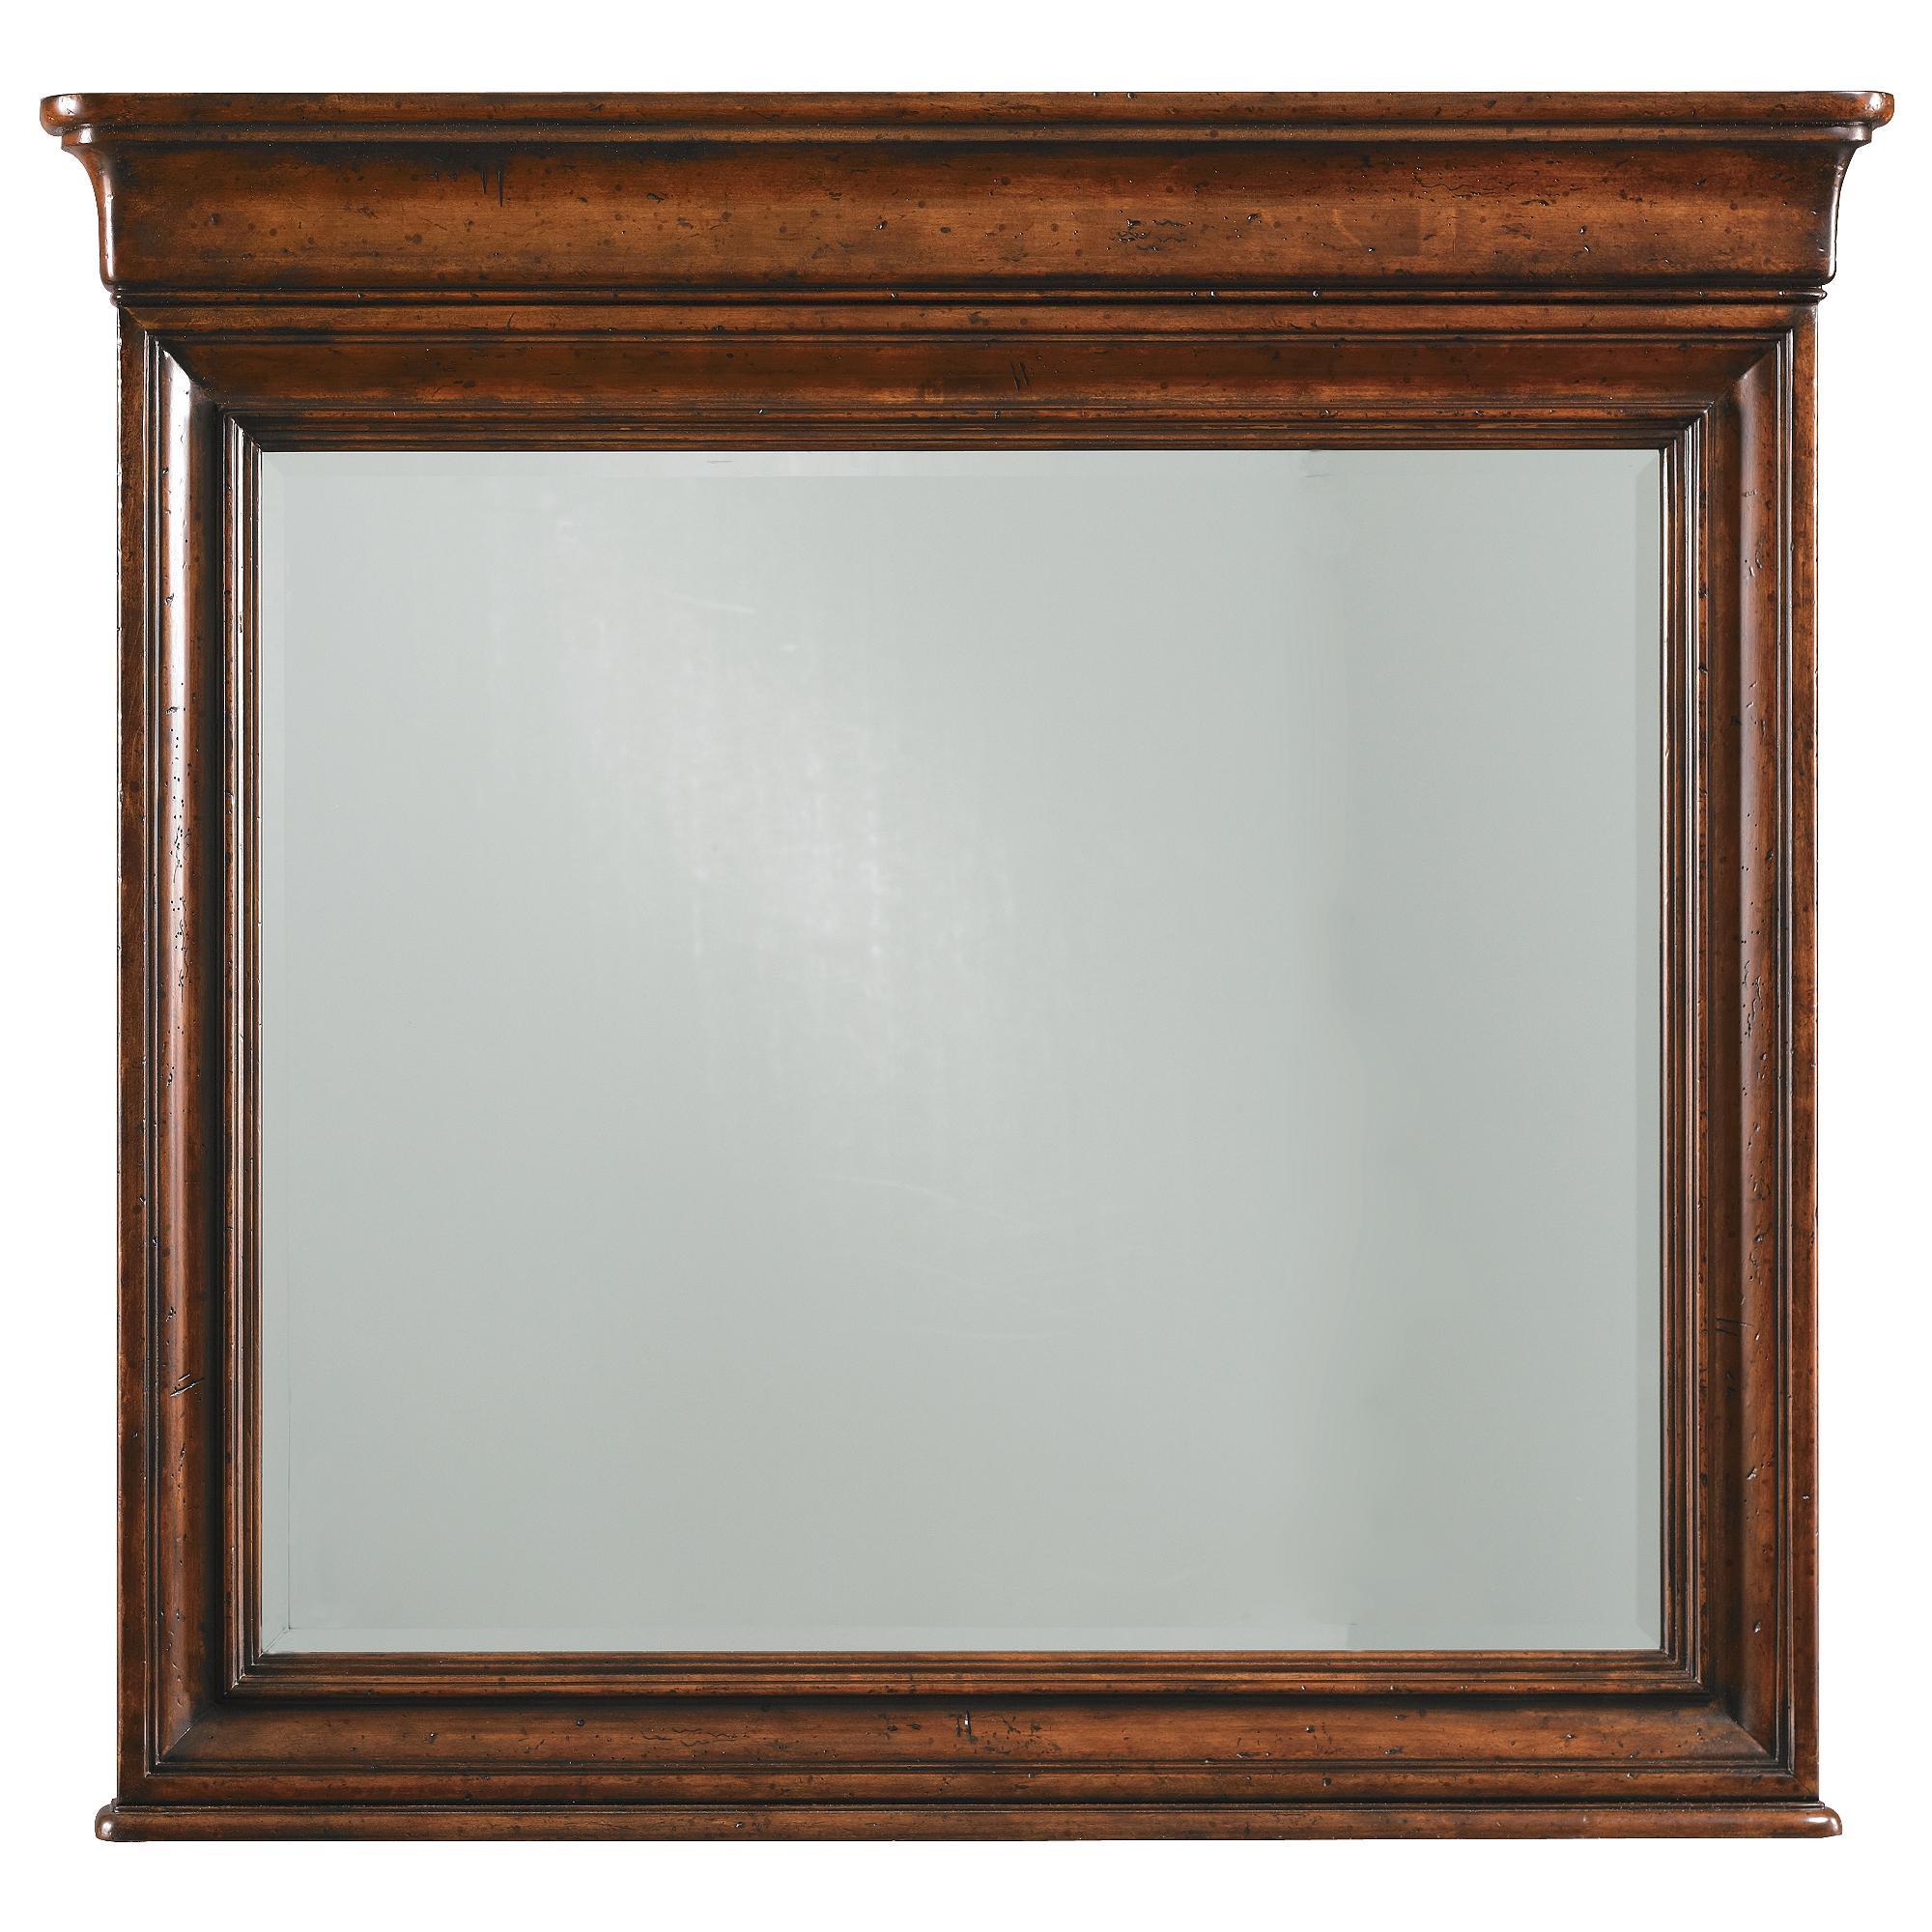 Stanley Furniture The Classic Portfolio - Louis Philippe Landscape Mirror - Item Number: 058-63-30